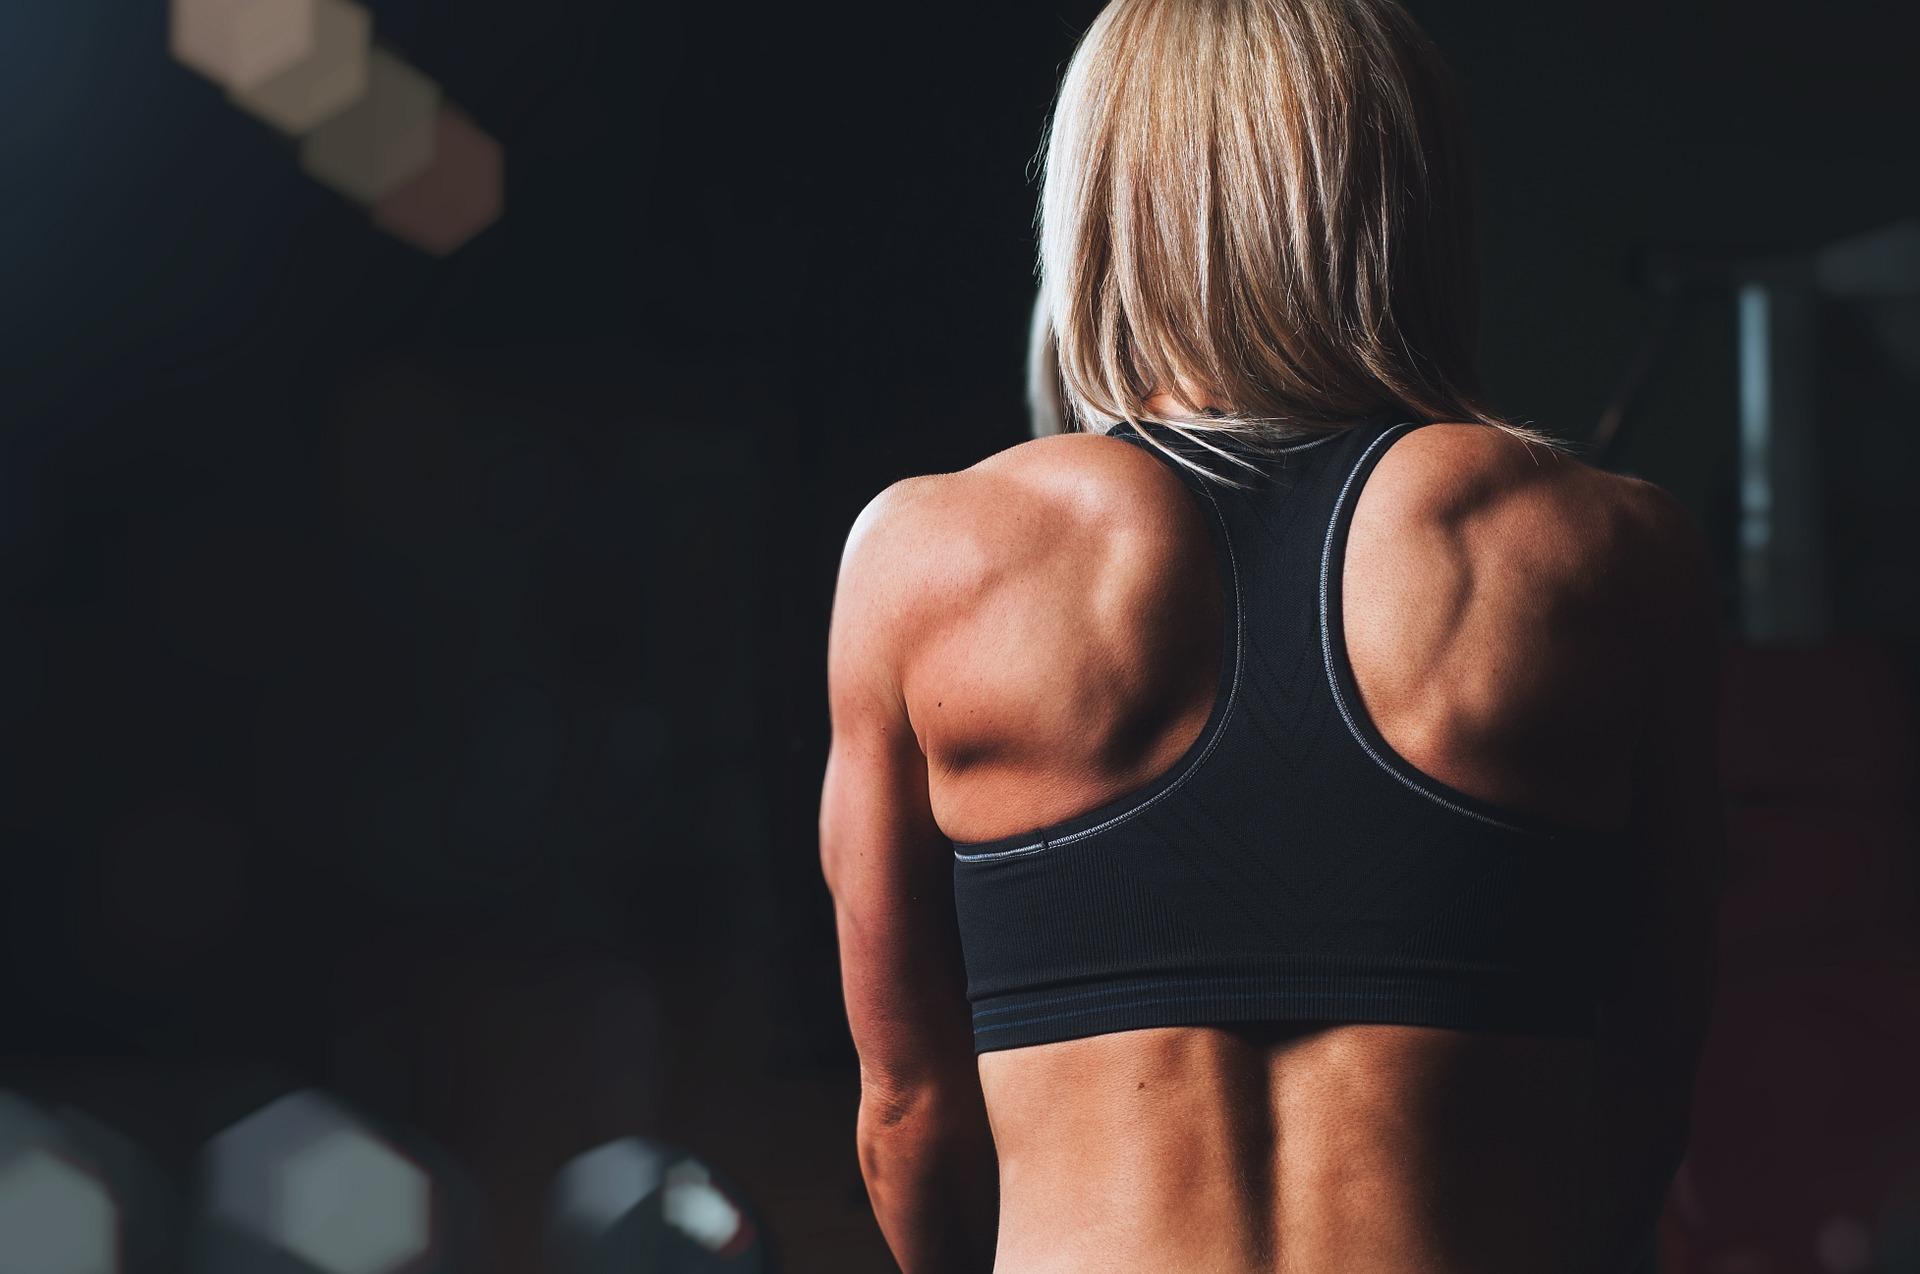 ダイエットメニュー,運動,痩せる,脚やせ,太もも痩せ